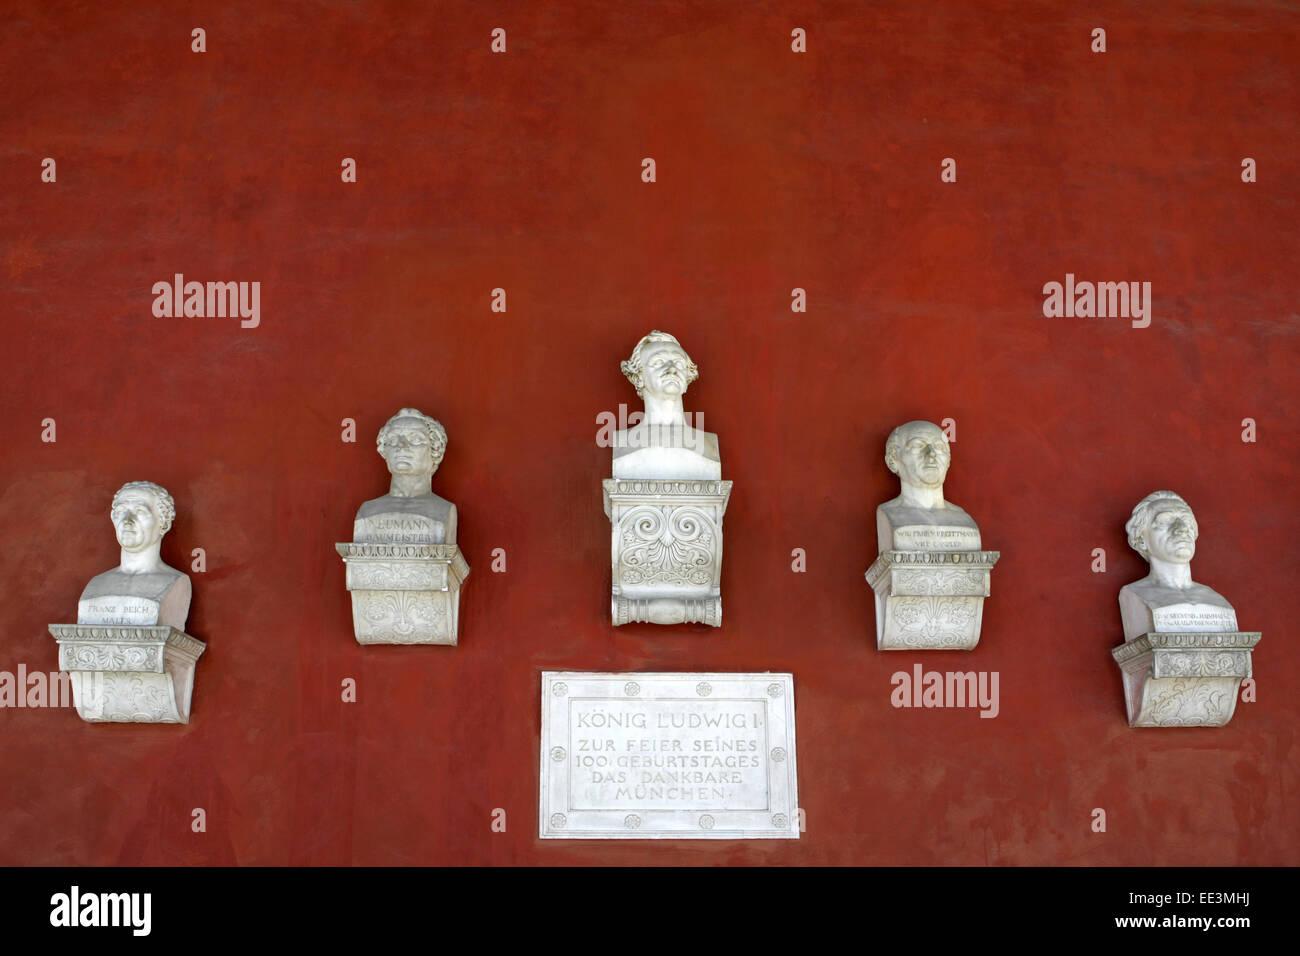 Architektur, Bauwerk, Denkmal, Detail, Halle, Kultur, Kunst, Baureferat, Leo von Klenze, Oberbayern, Persoenlichkeiten, Stockbild